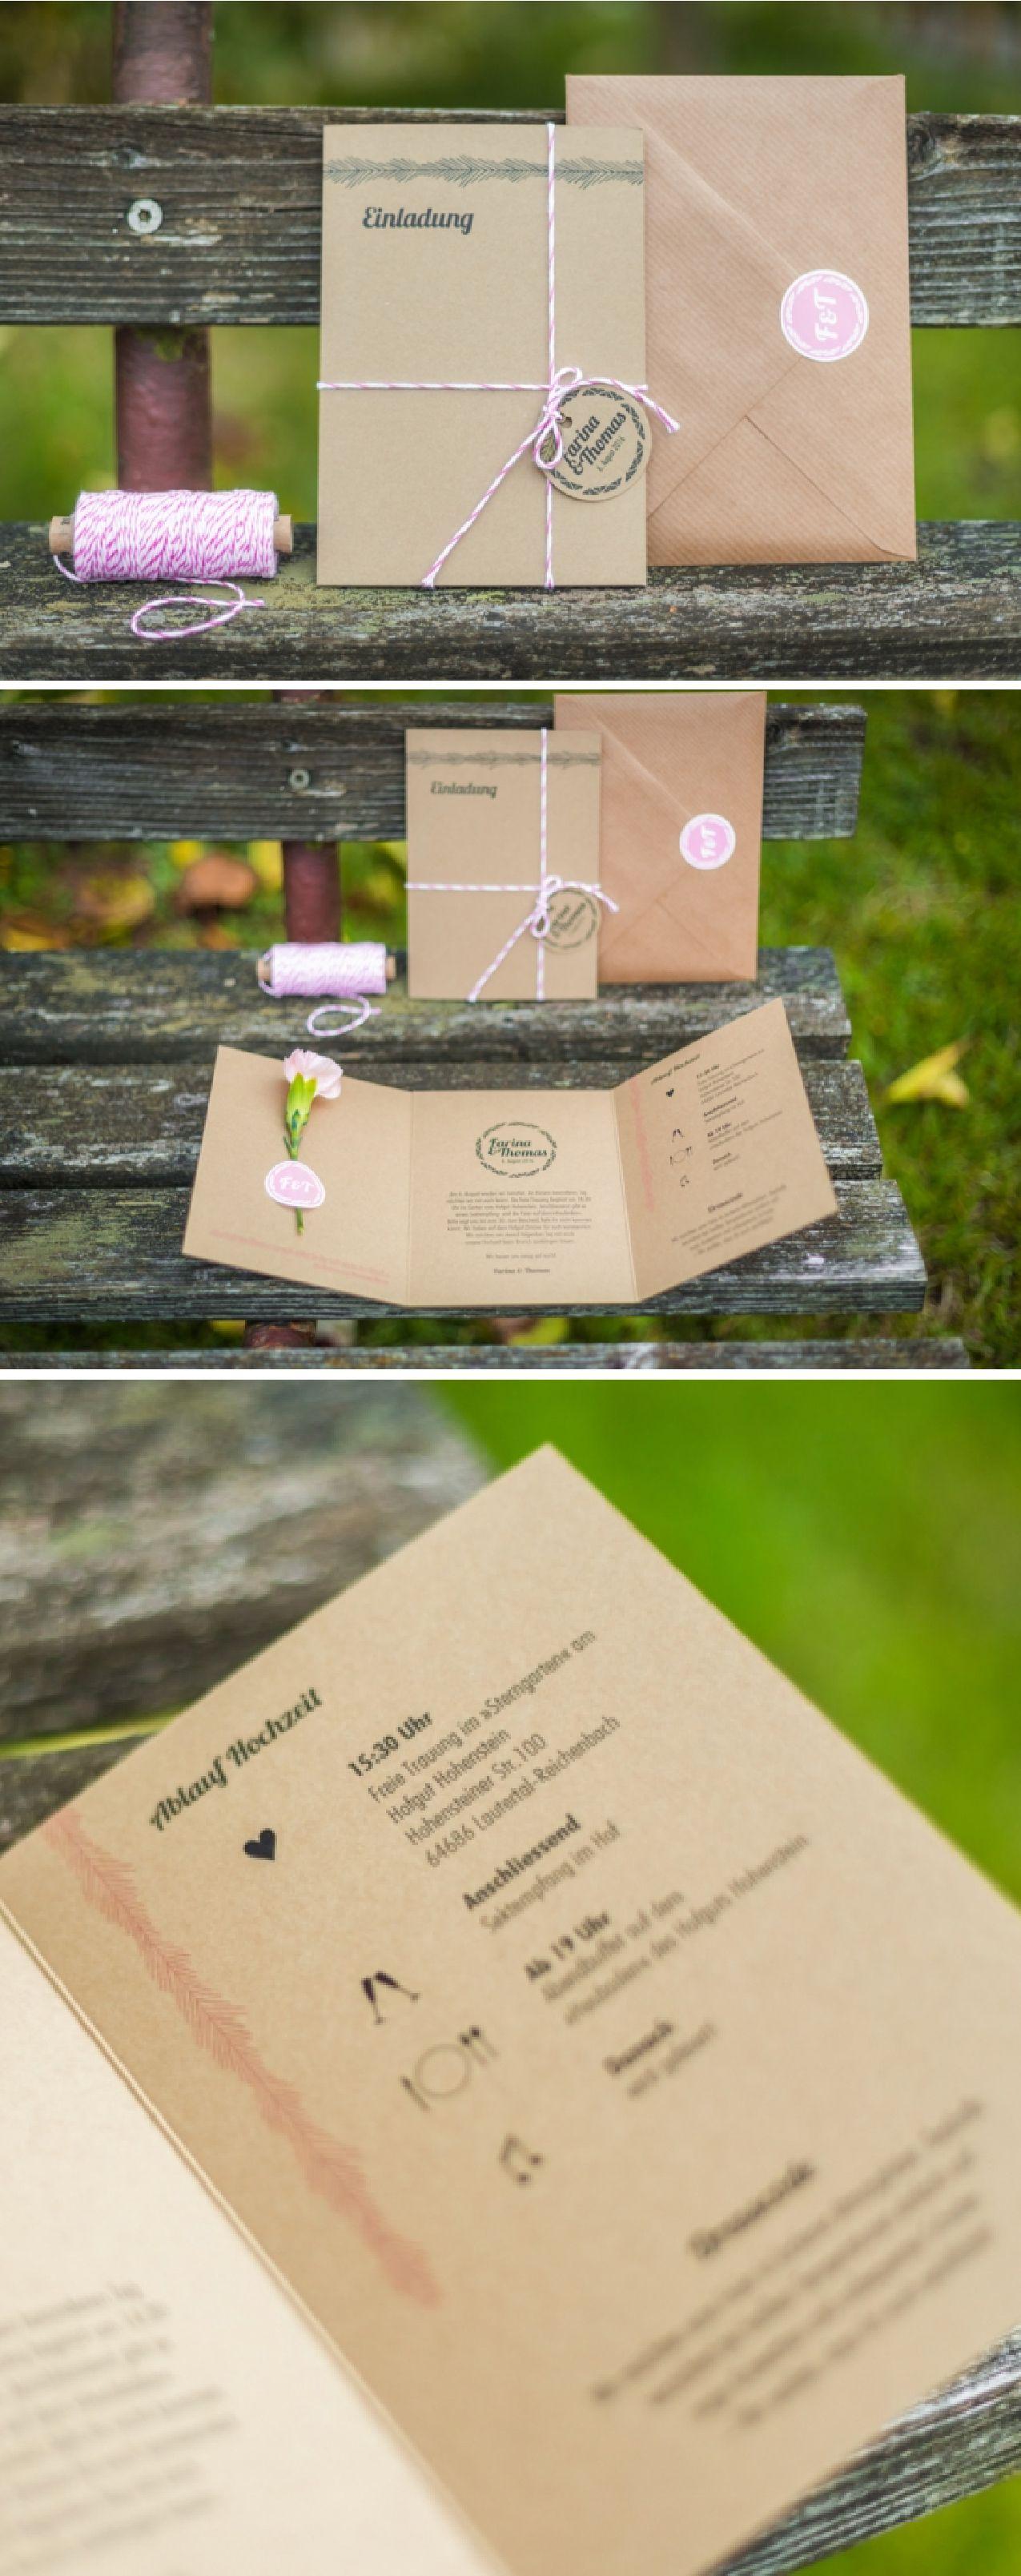 Hochzeitseinladung Der Kollektion »Scheunenhochzeit« Aus Kraftpapier Mit  Übersicht Vom Ablauf Der Hochzeit.